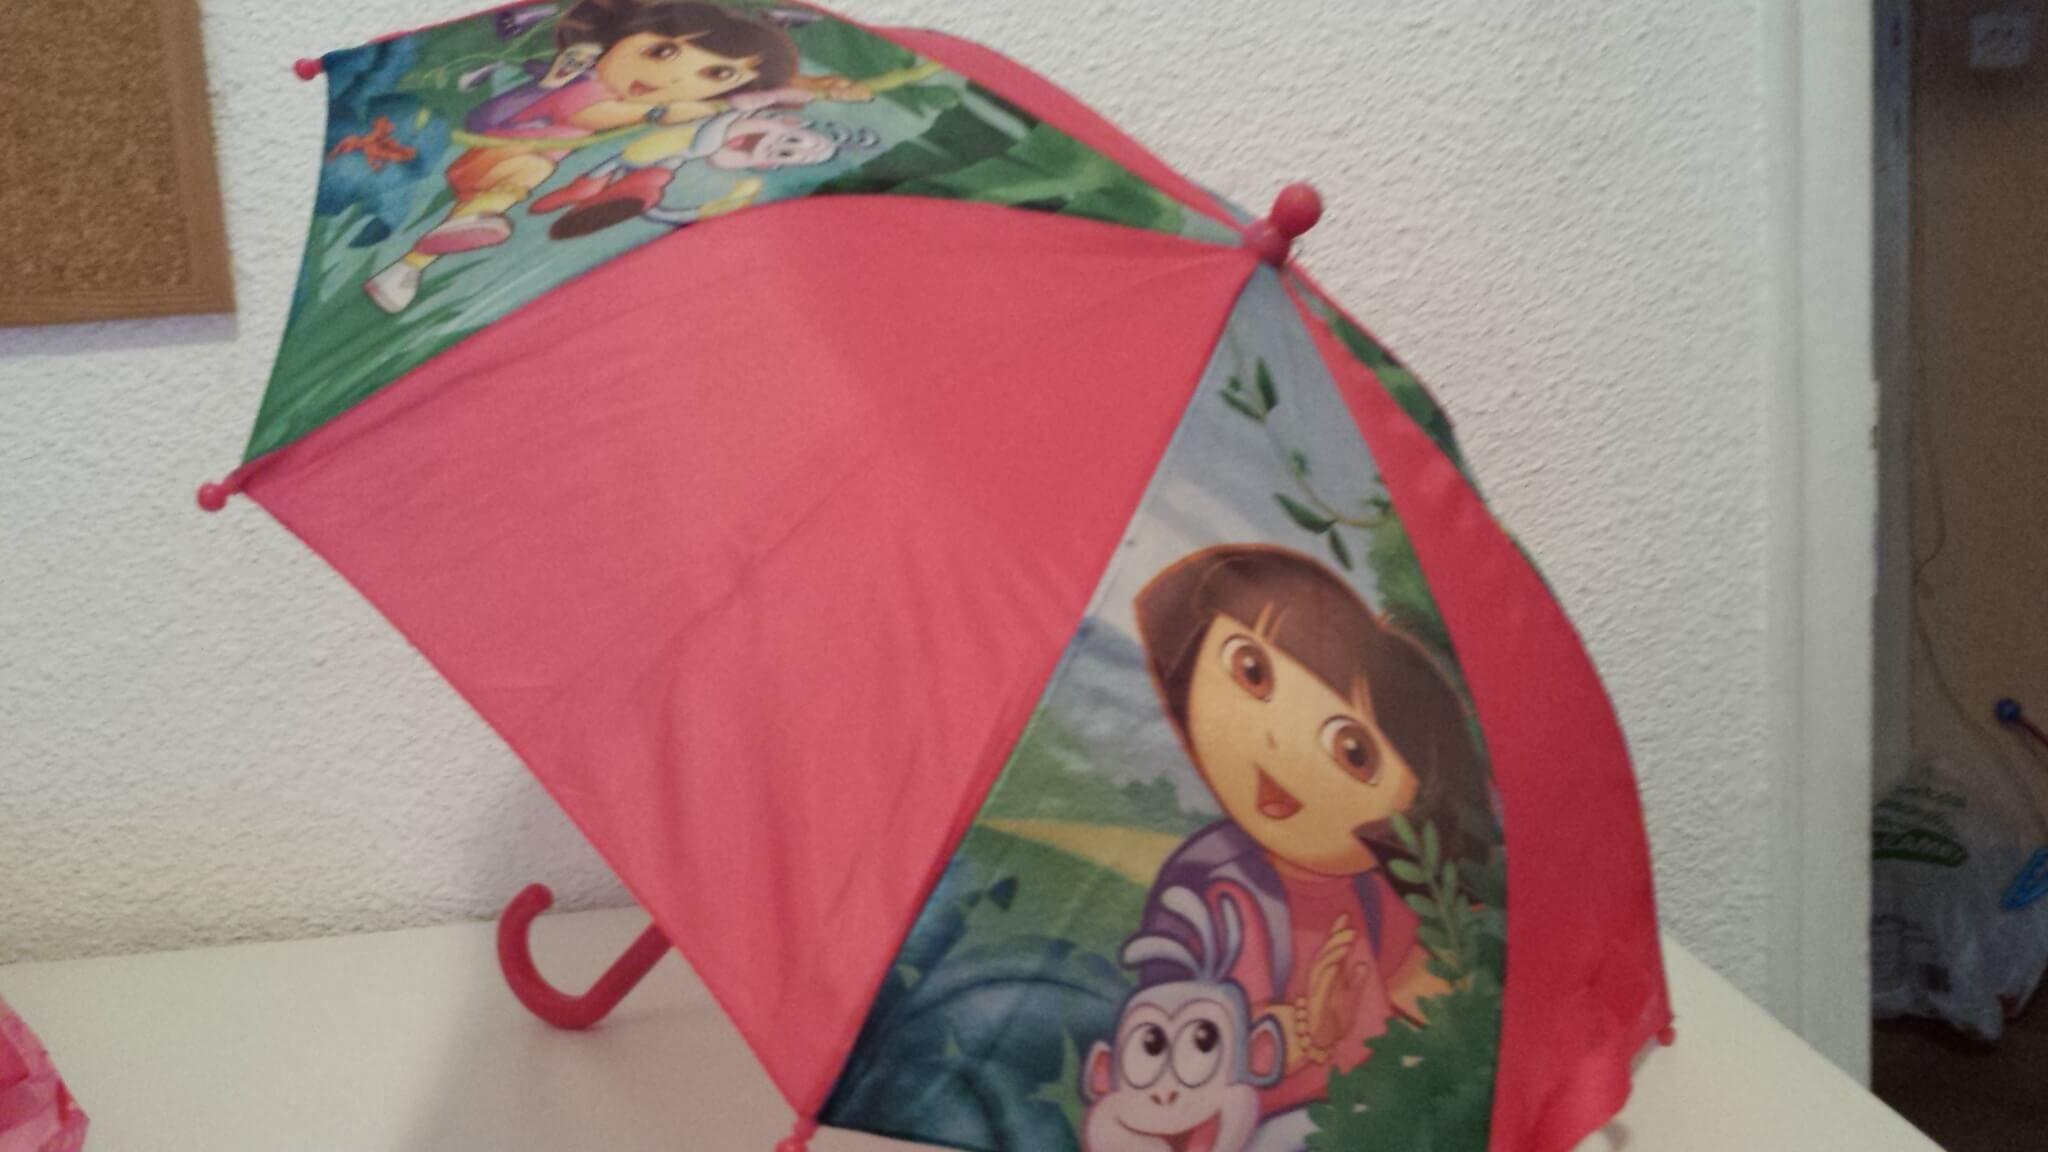 bajo costo descuento hasta 60% super calidad Paraguas Dora y Peppa Pig (3 a 5 años): 2 Paraguas niña, de ...